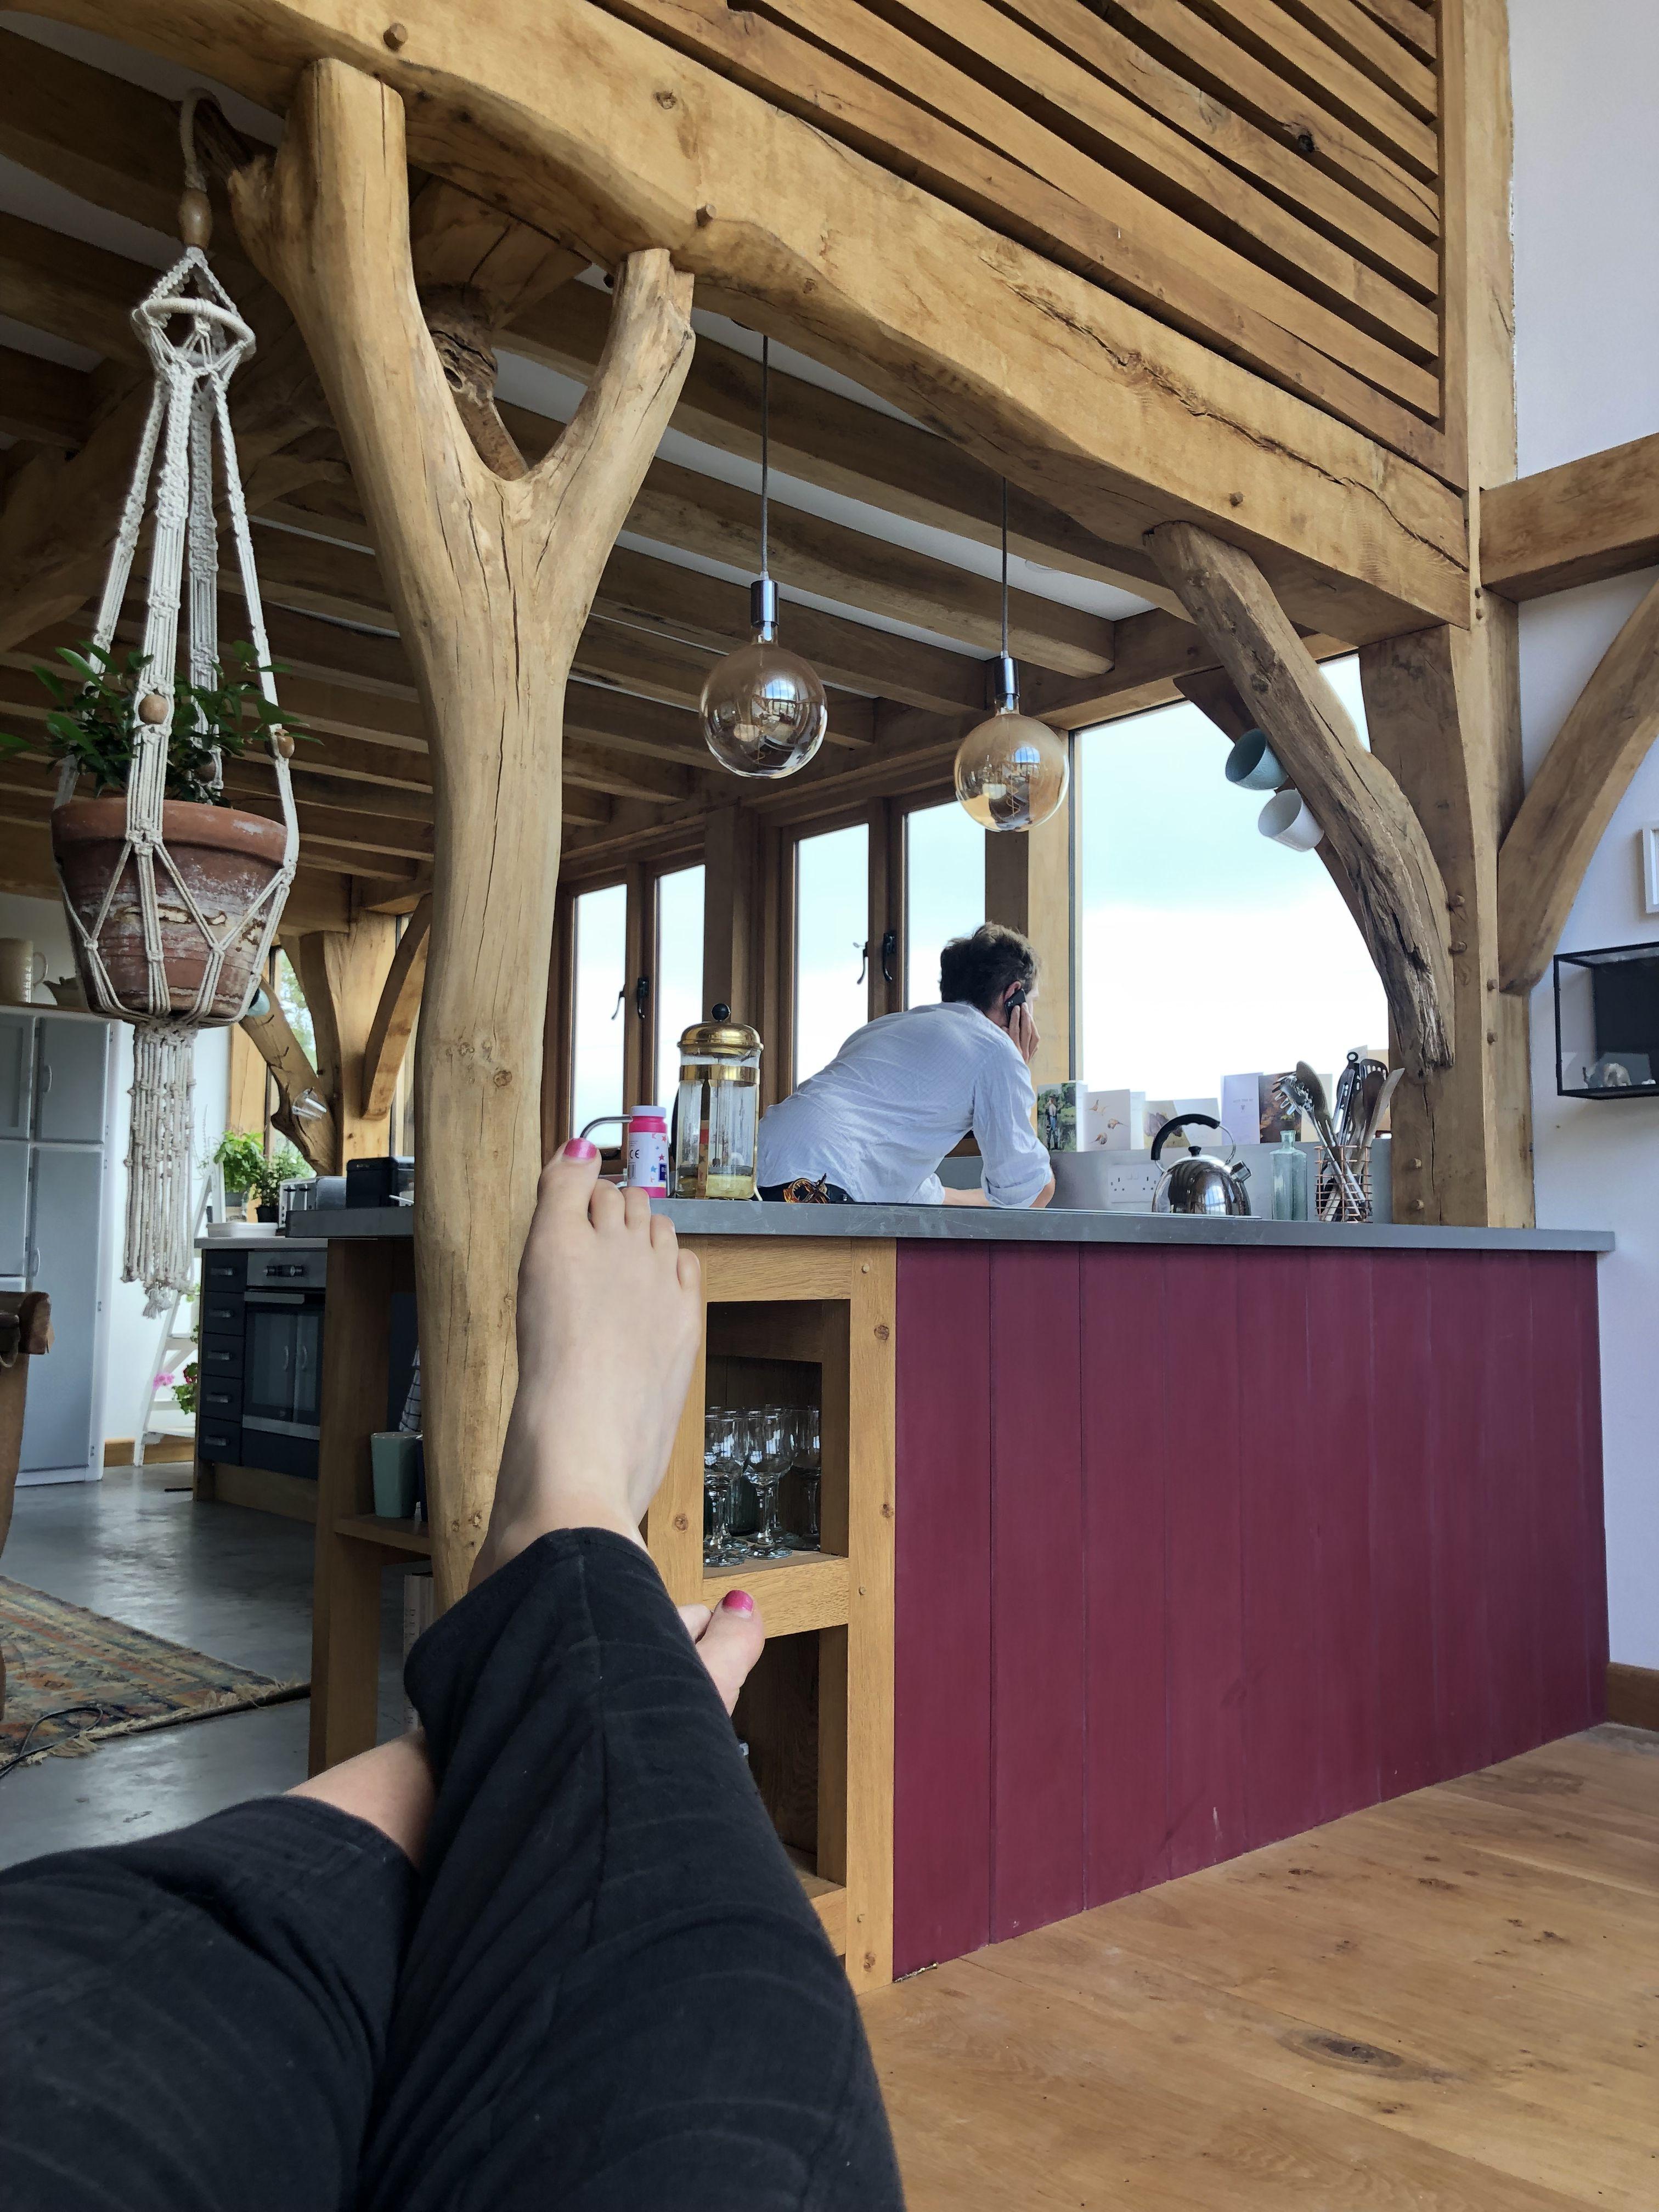 UK Hardwoods Oak flooring contrasting with polished